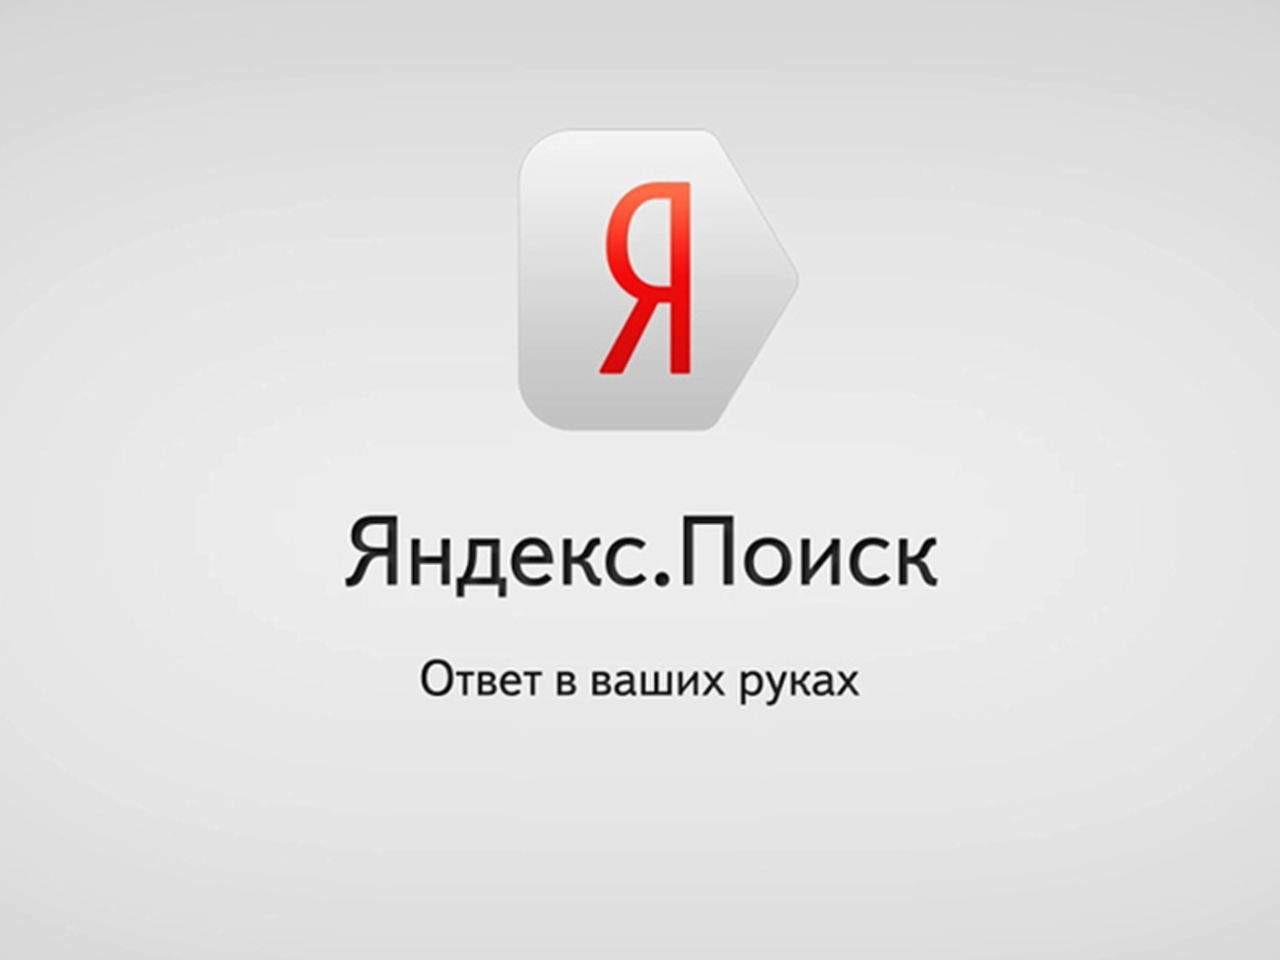 Санкции затронут интересы 11 млн  украинцев— Яндекс